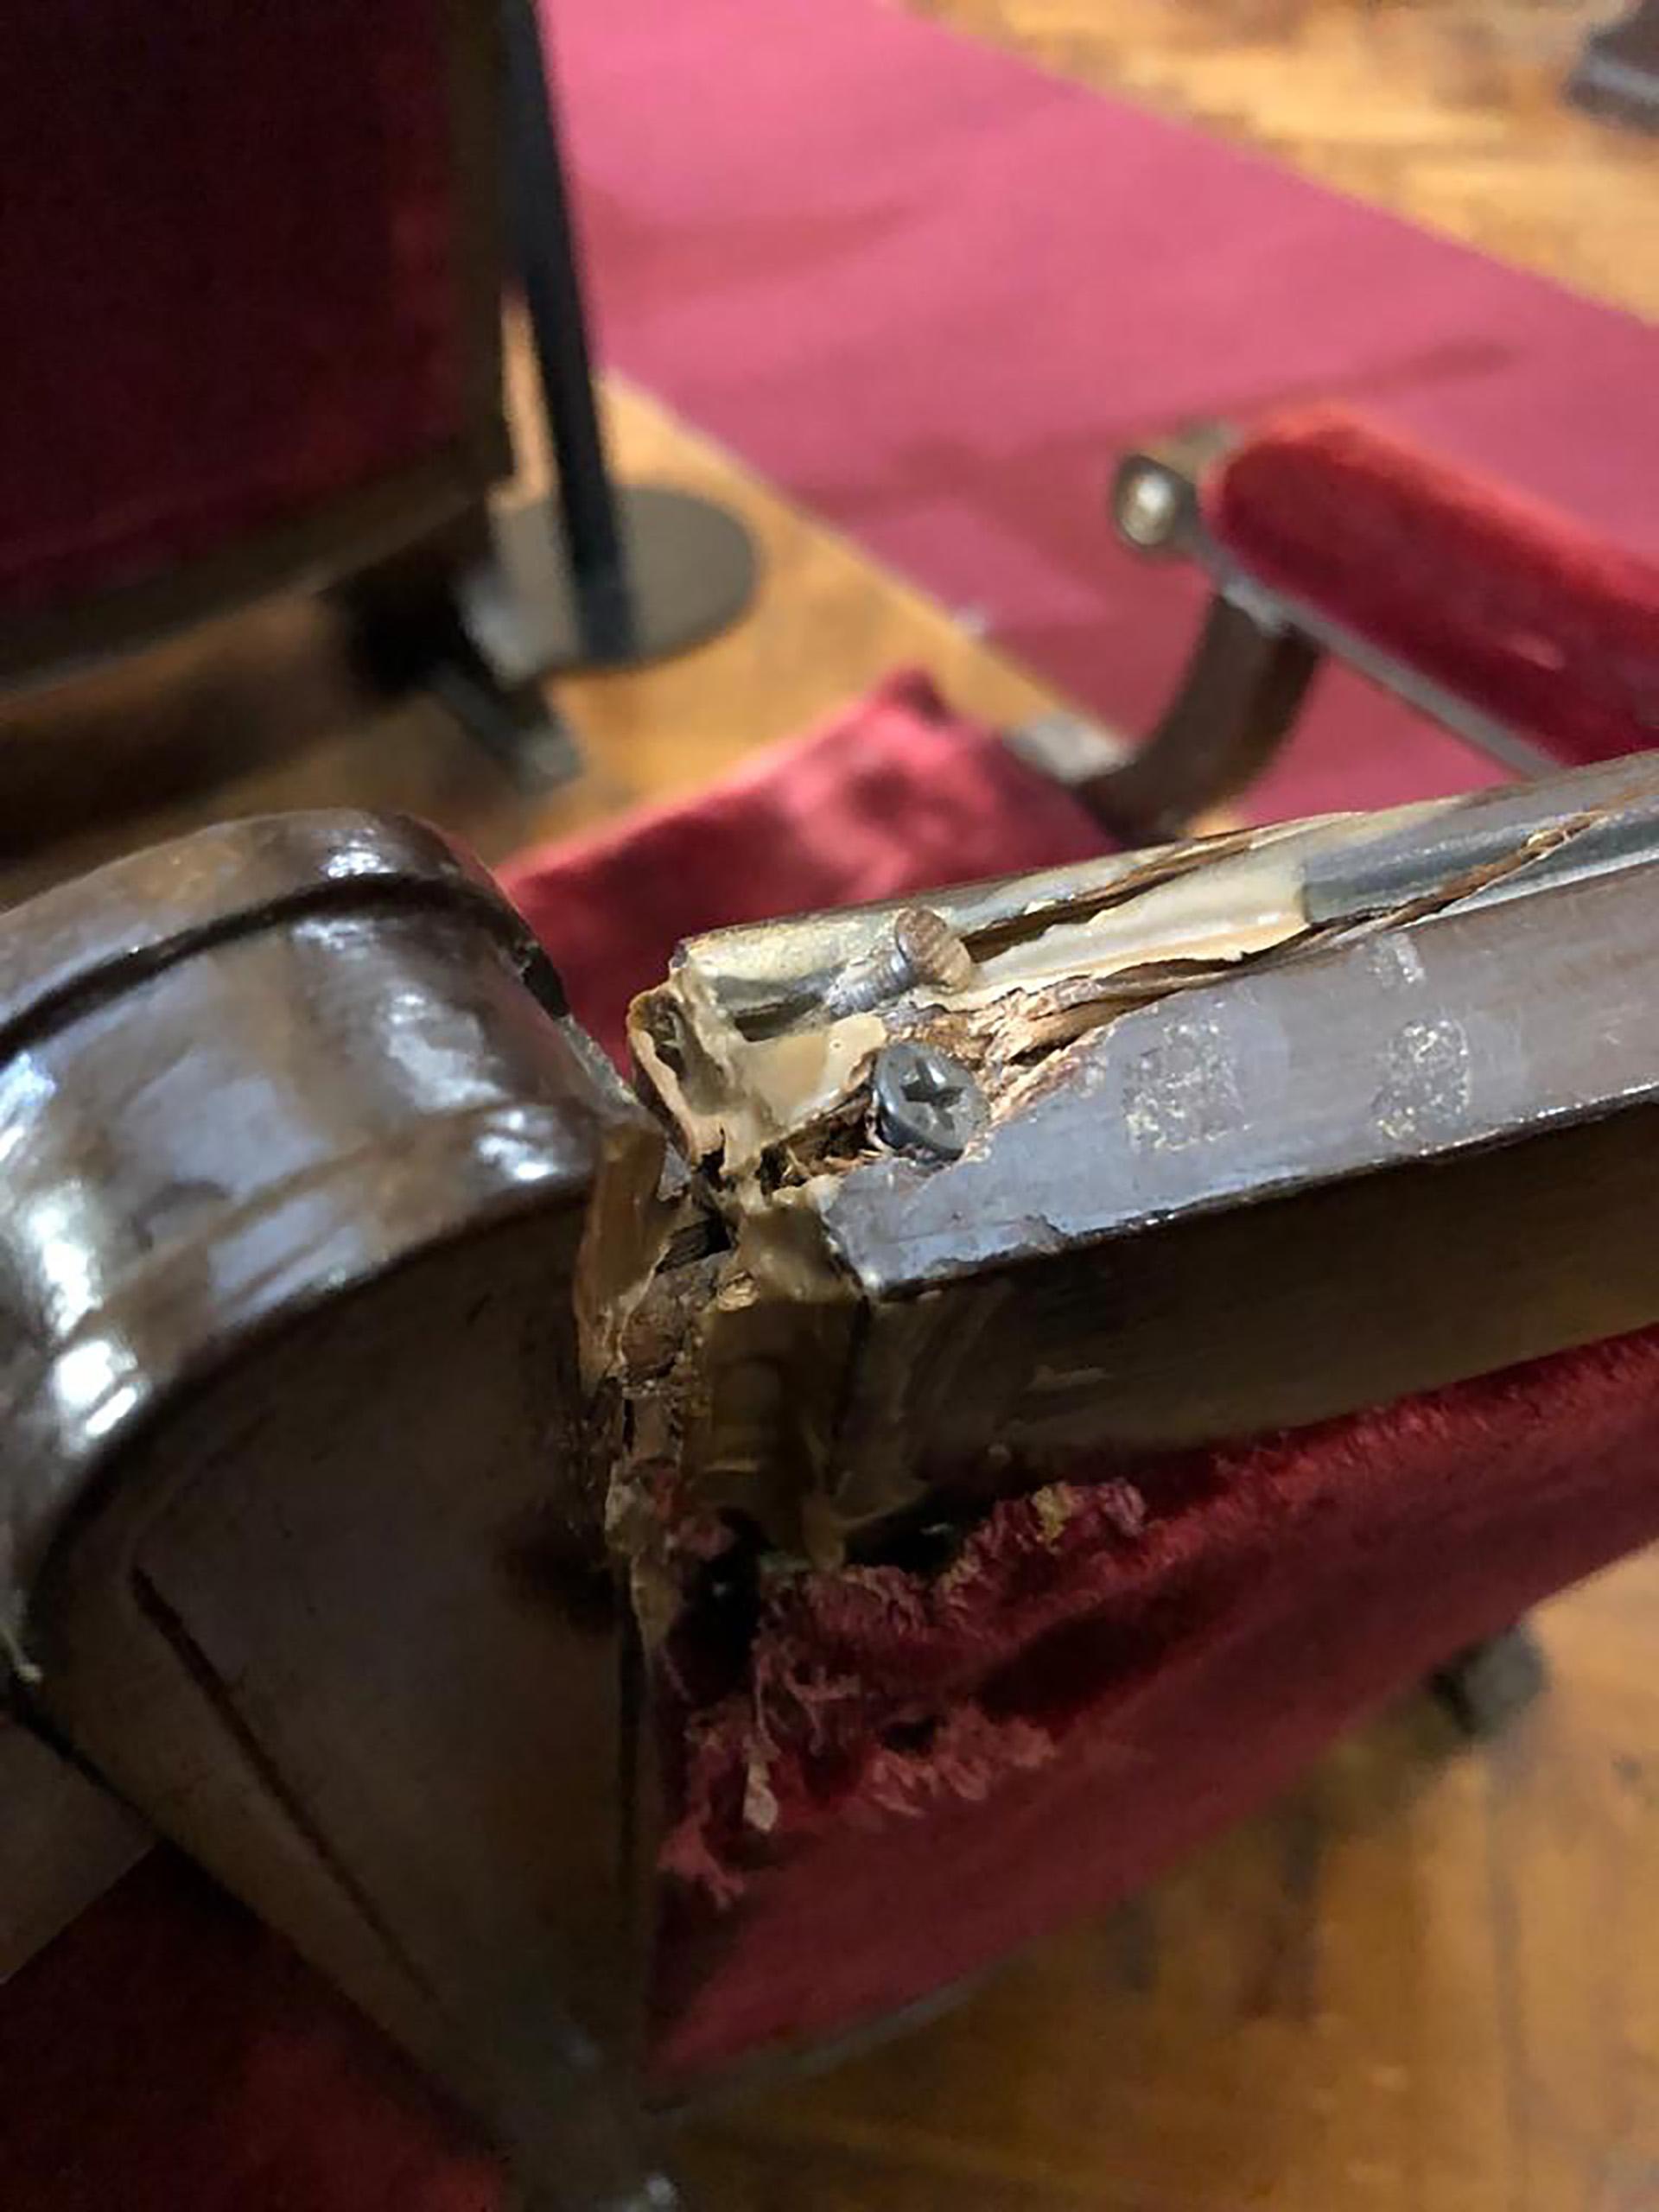 Gran parte de las butacas estaban mal ajustadas al piso, con agujeros por sucesivos tornillos mal colocados; los tapizados estaban viejos, descoloridos y rotos, los rellenos vencidos y las maderas rotas